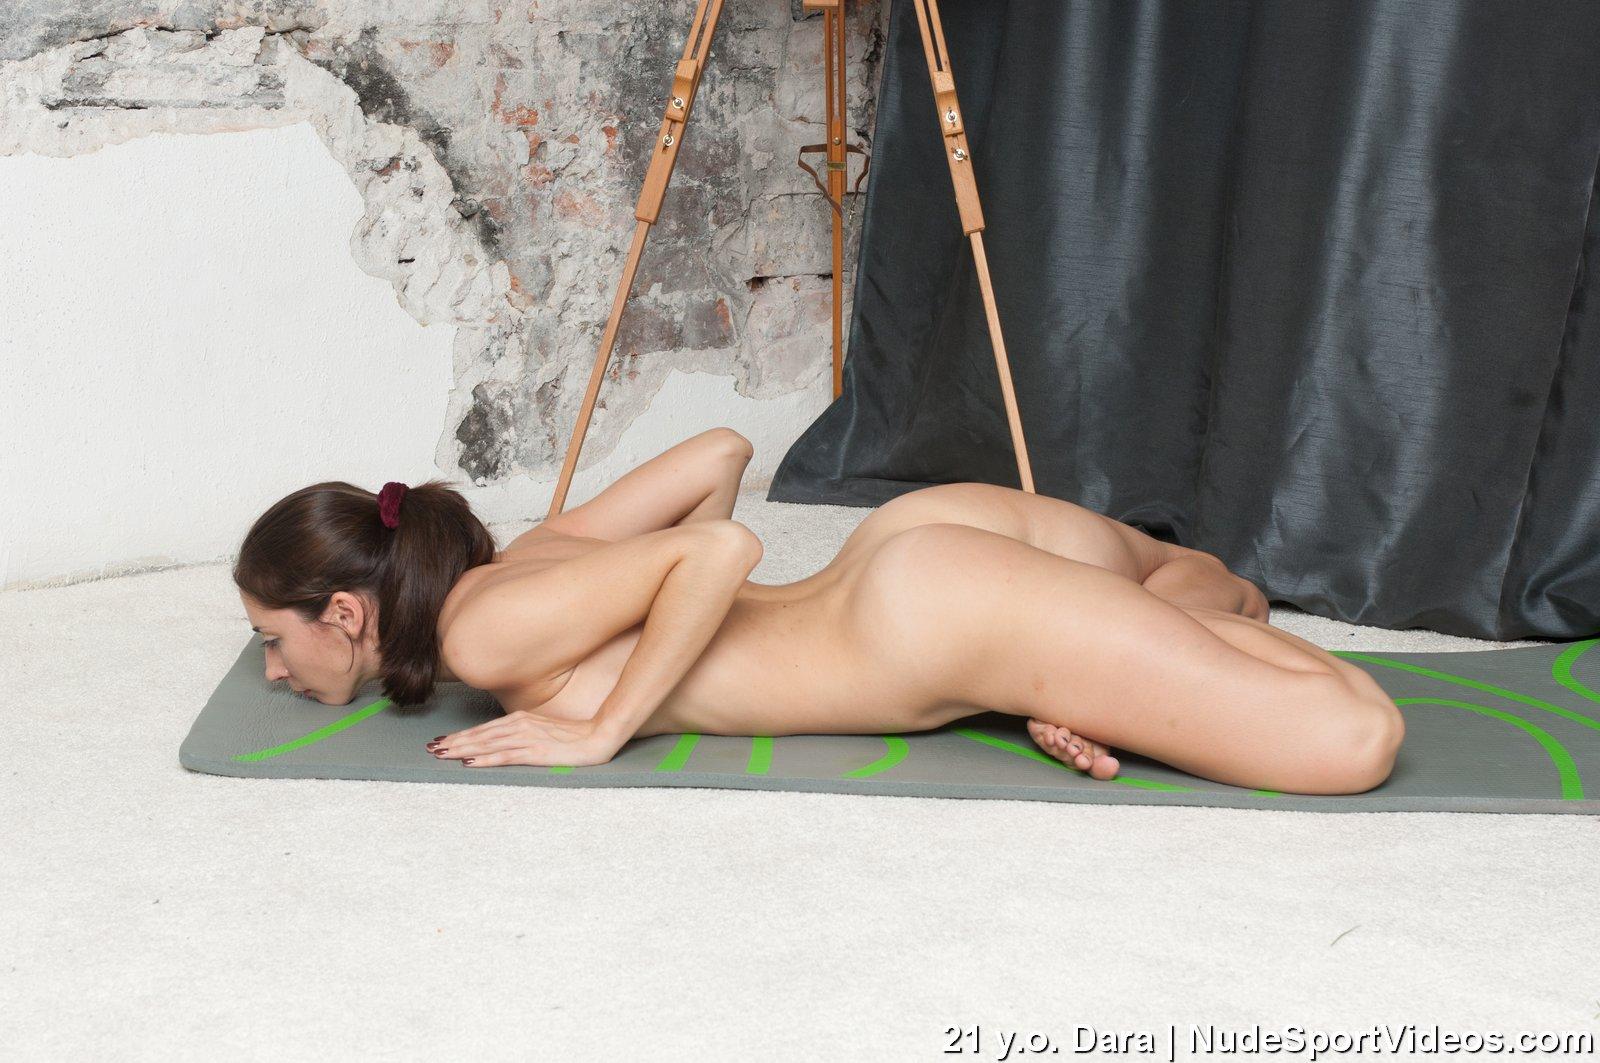 video sport nude